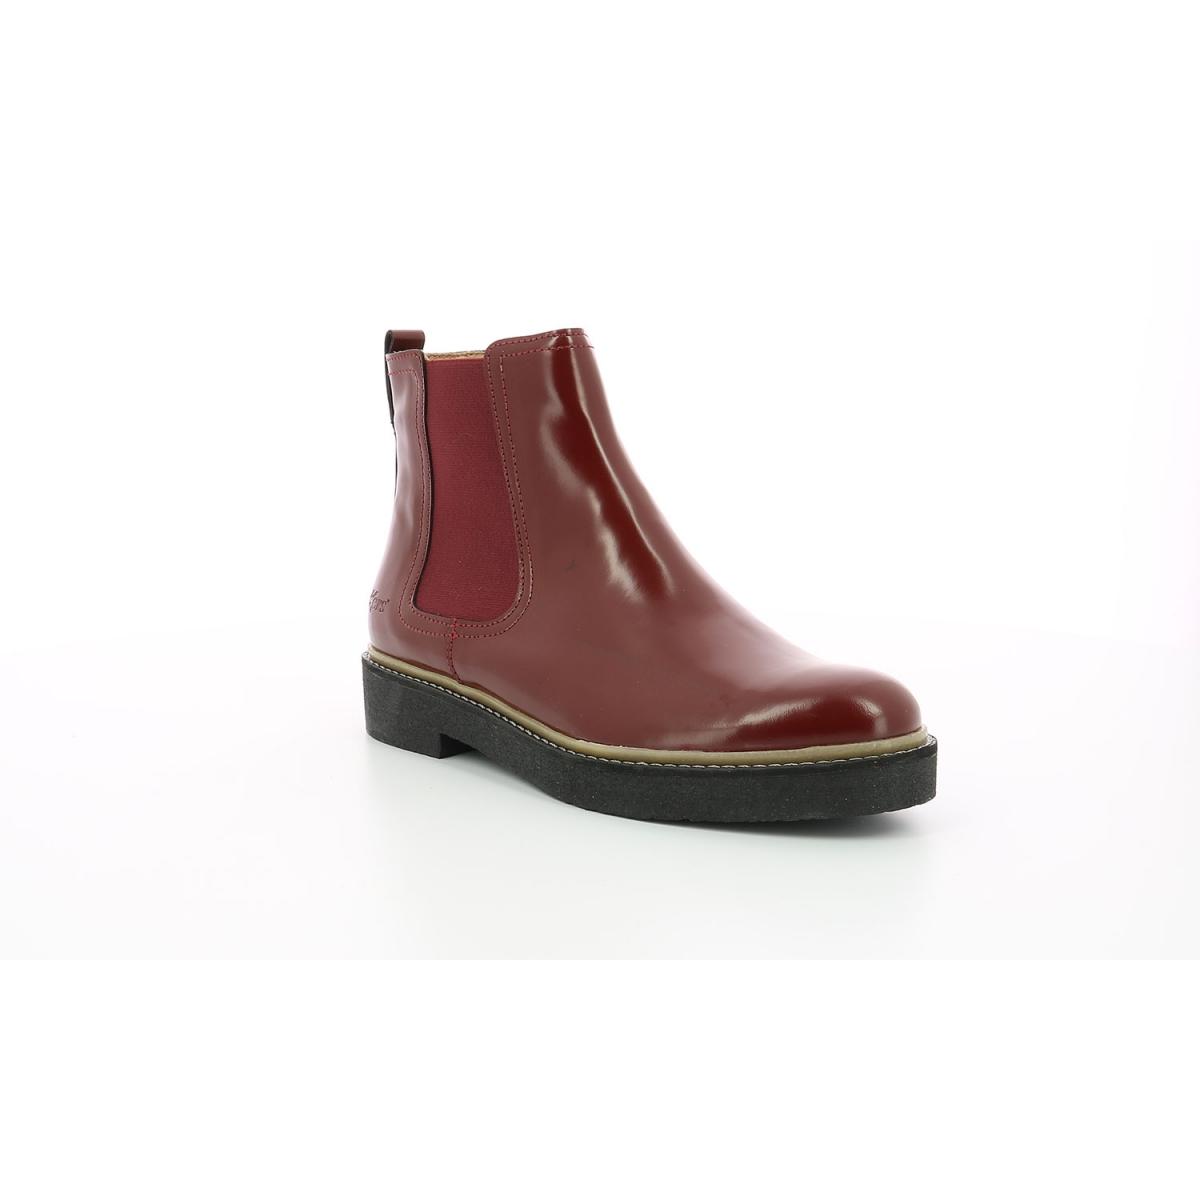 Boots Femme Oxfordchic rouge foncé Chaussures Femme Kickers